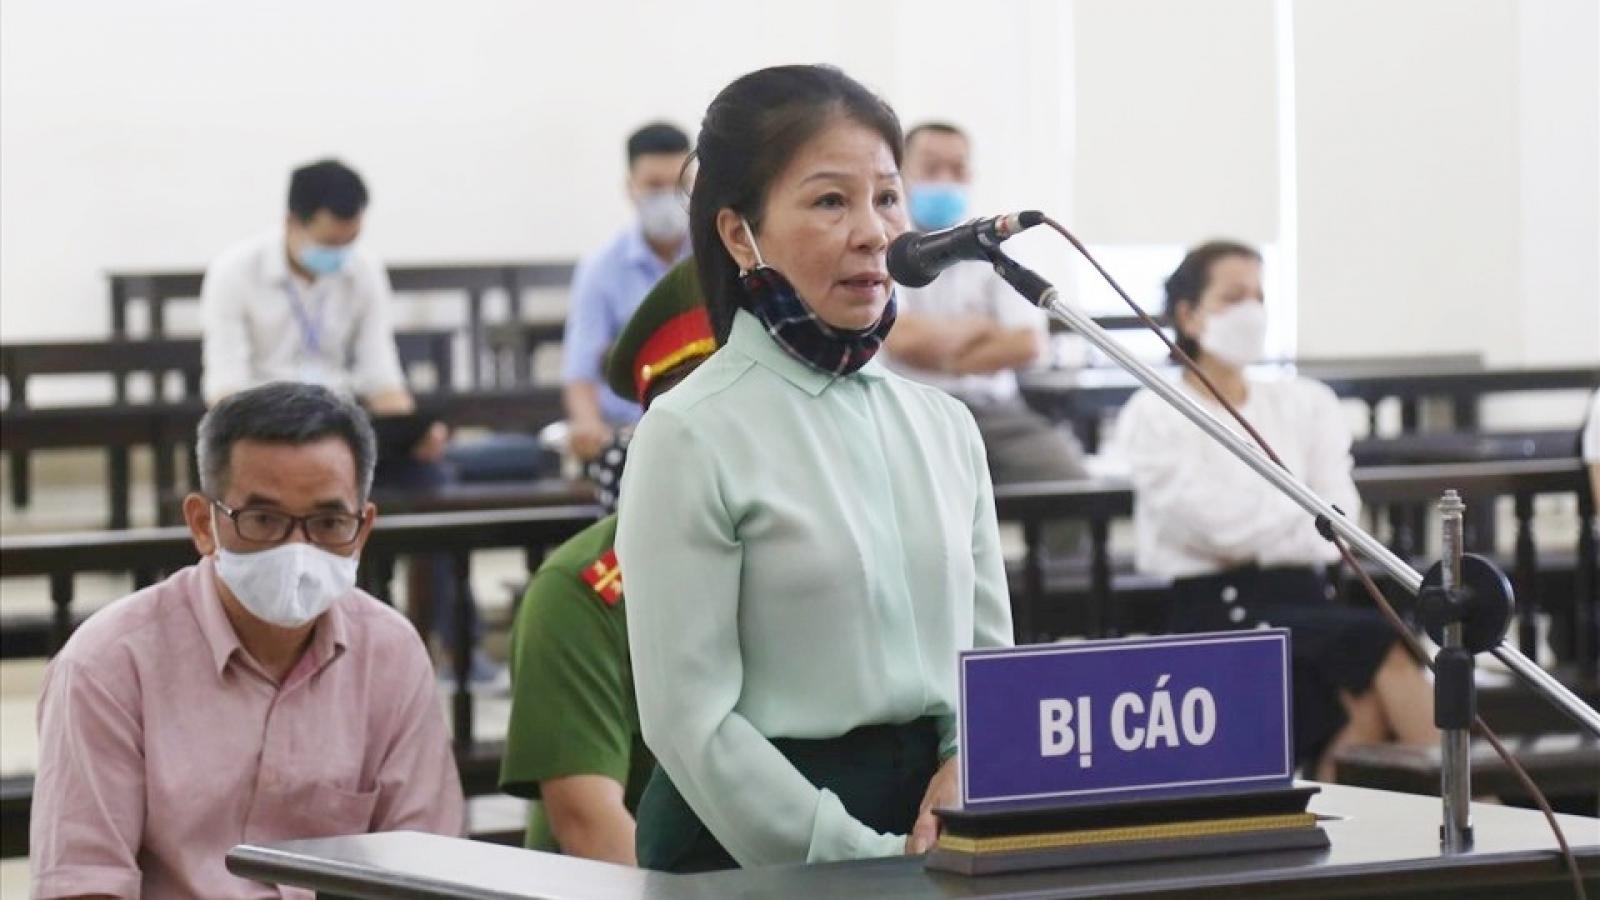 Xử phúc thẩm đại án ở BIDV: Nữ giám đốc khai không biết kinh doanh